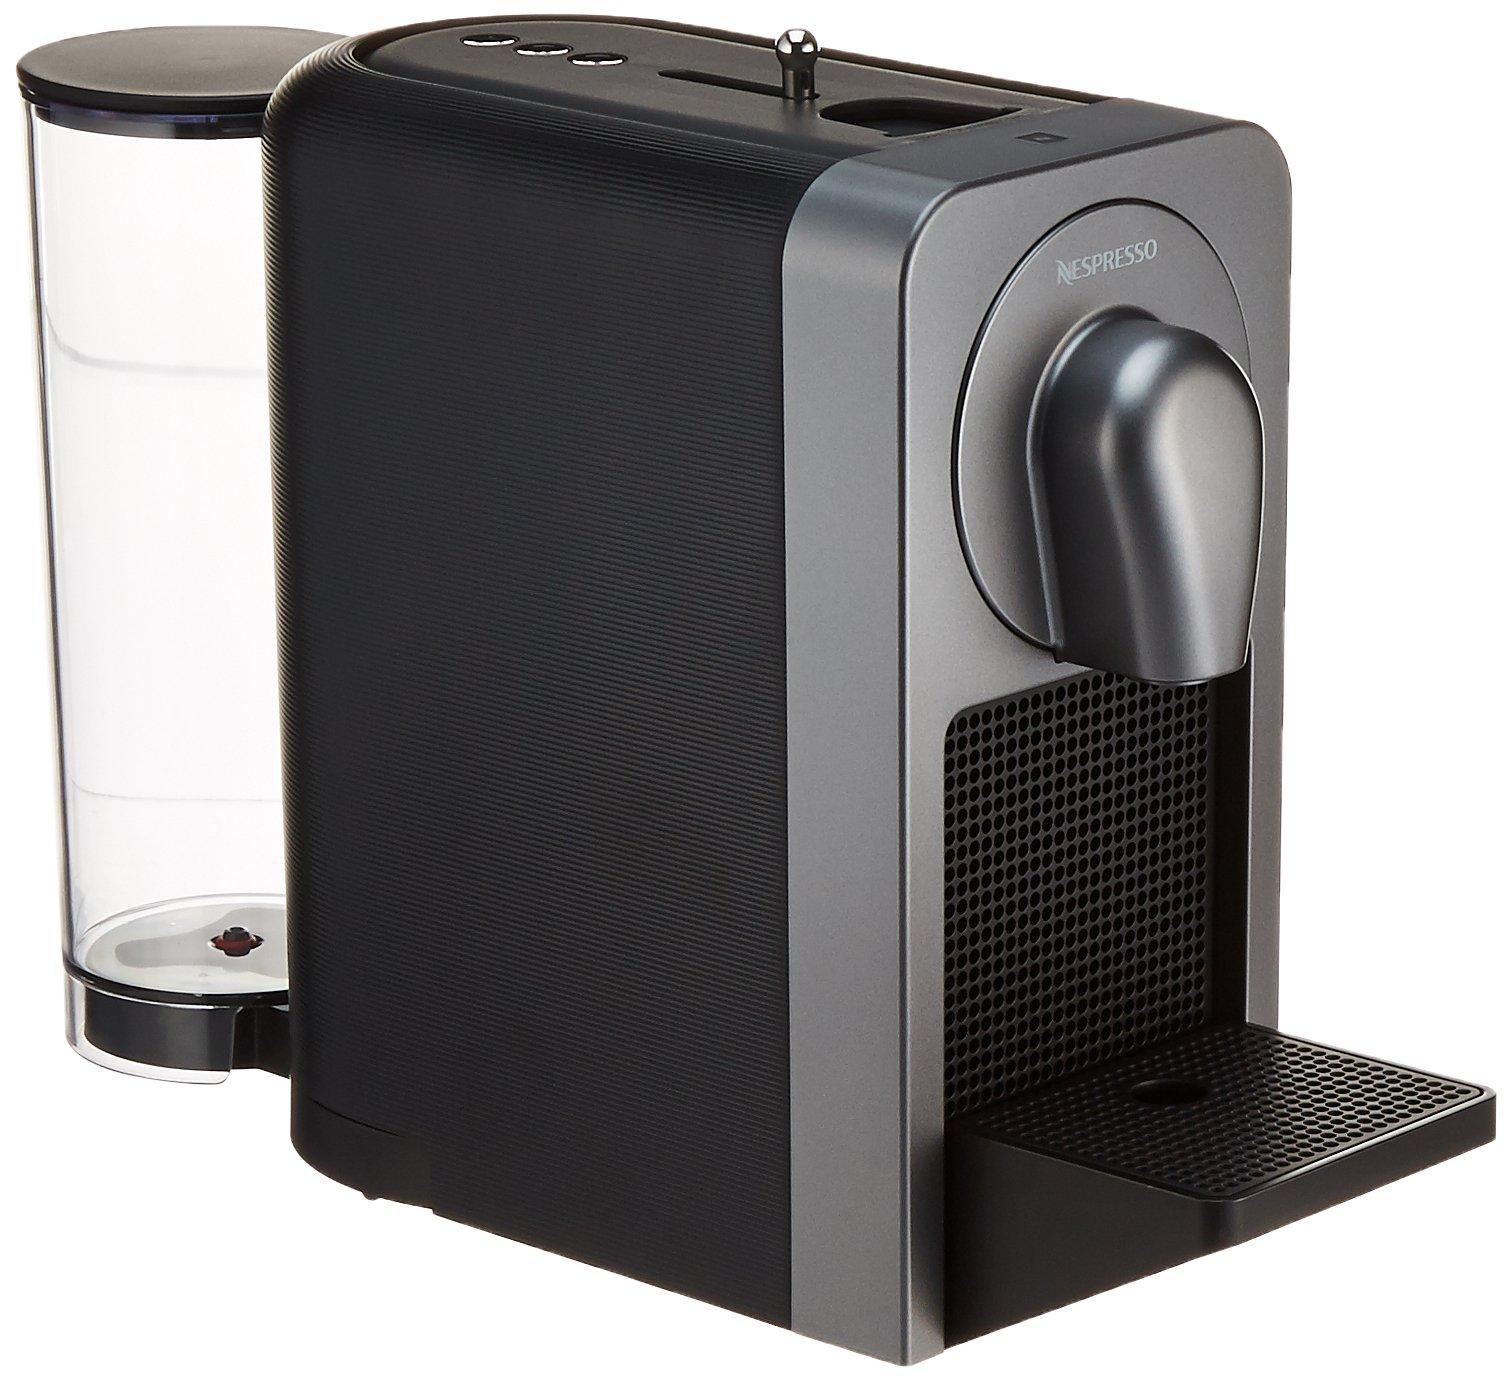 Nespresso C70-US-TI-NE Prodigio Espresso Maker, Titan by Nestle Nespresso